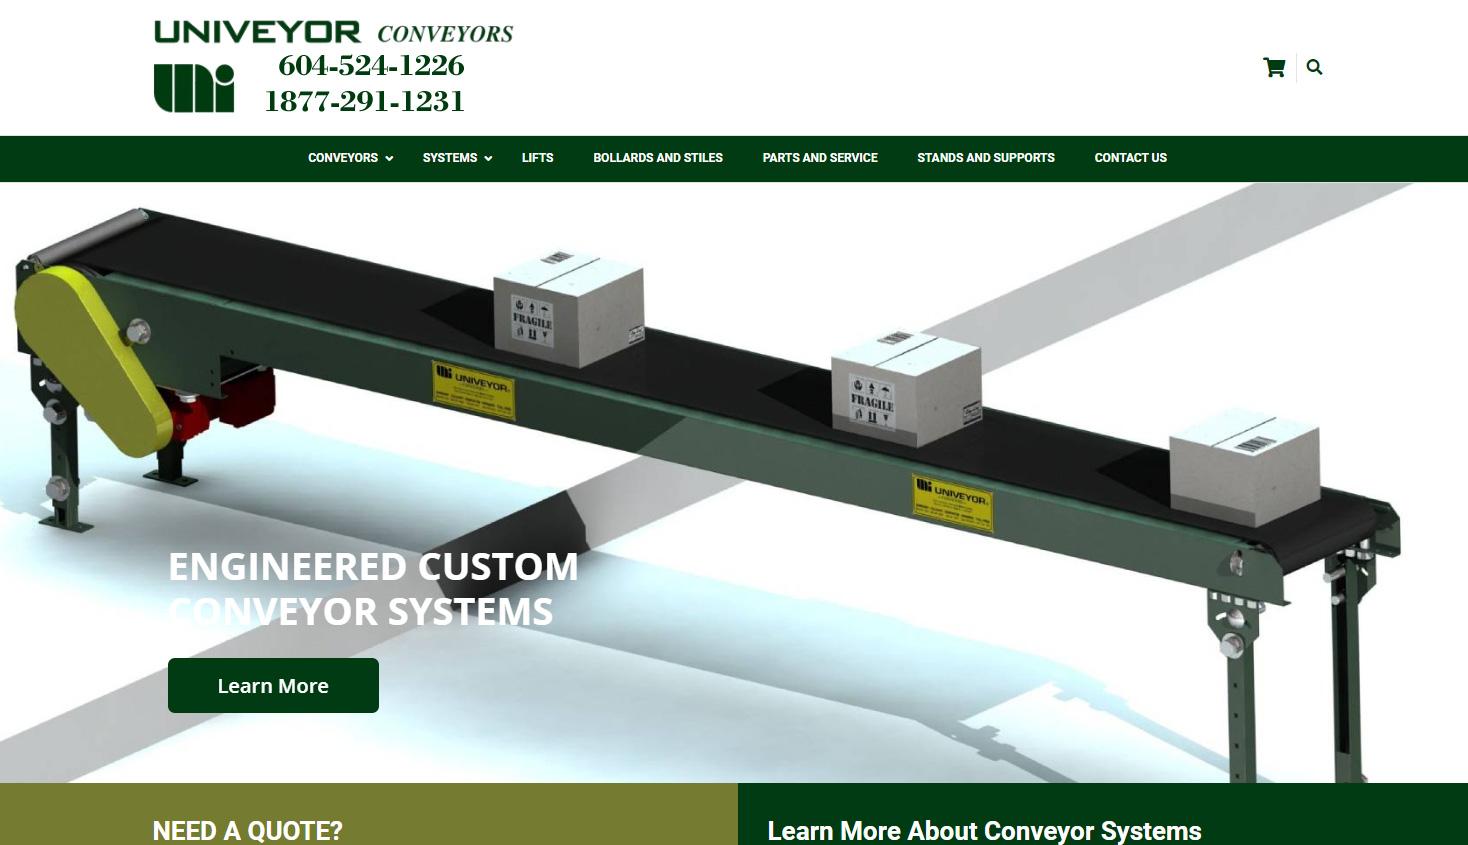 Univeyor Conveyors